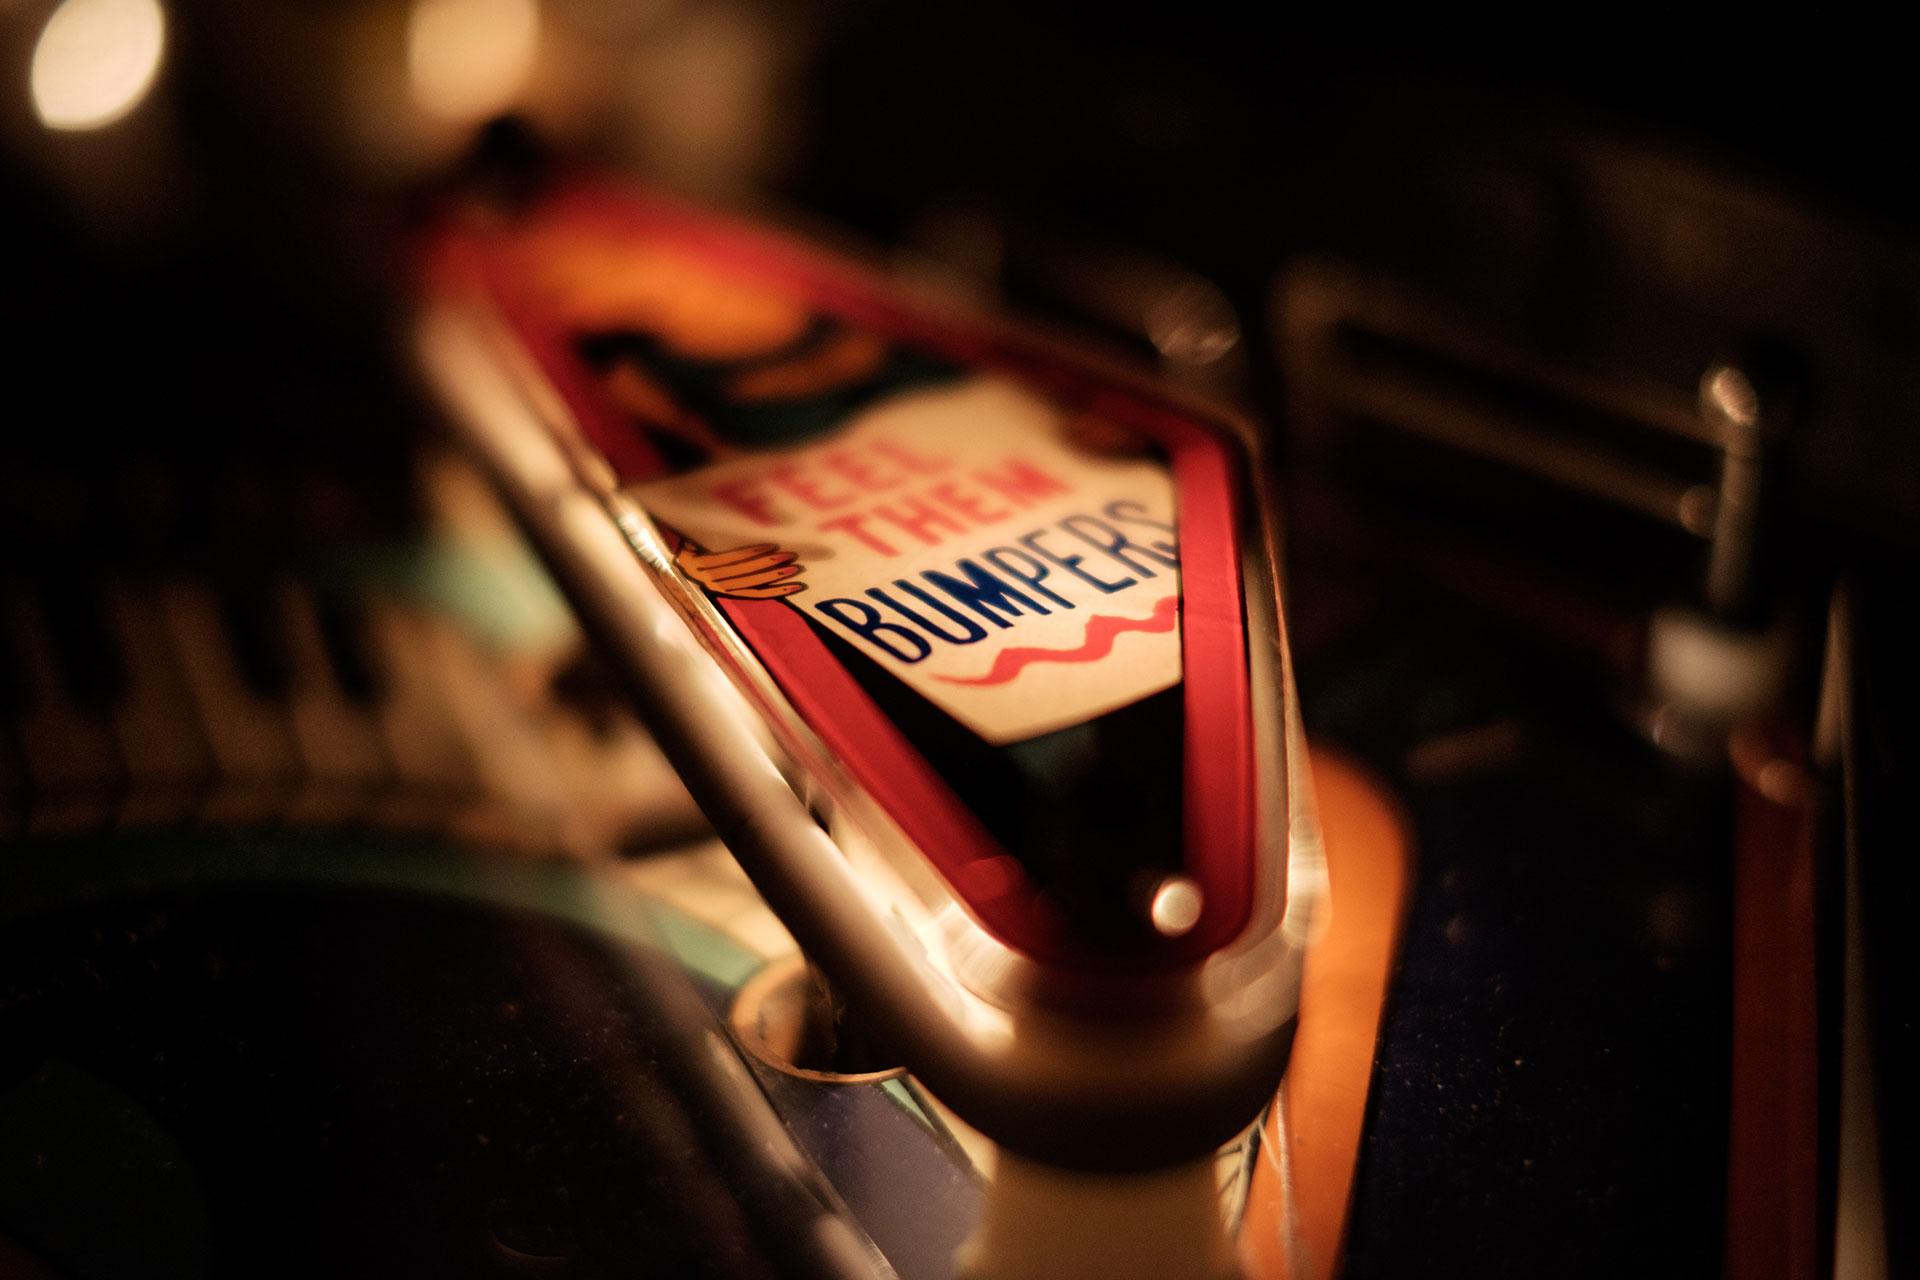 Close-up shot of pinball machine